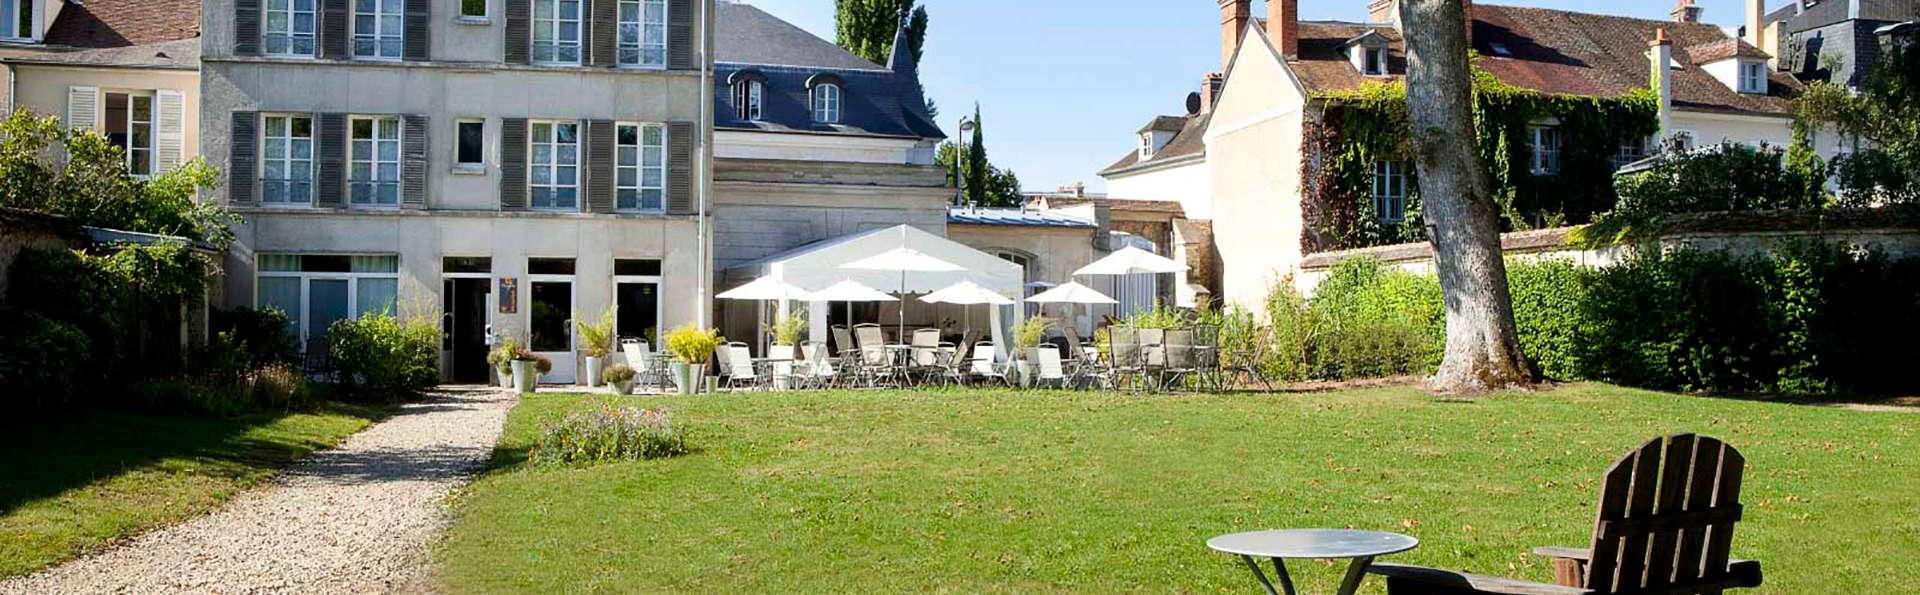 Hôtel Victoria - Fontainebleau - edit_garden93.jpg